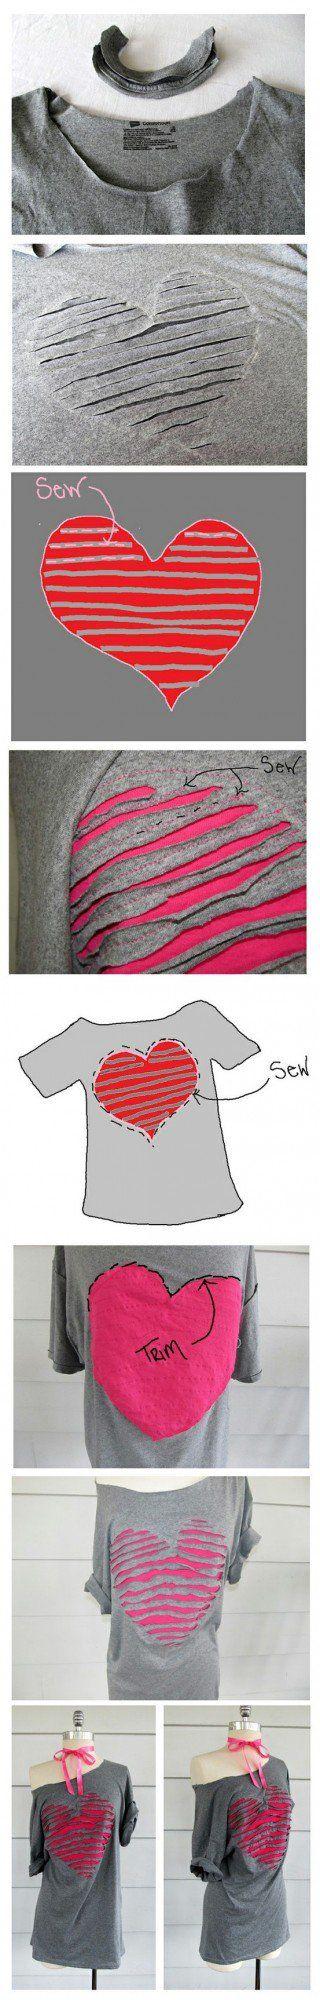 Tişörtten Kalp Desenli Bluz Yapımı